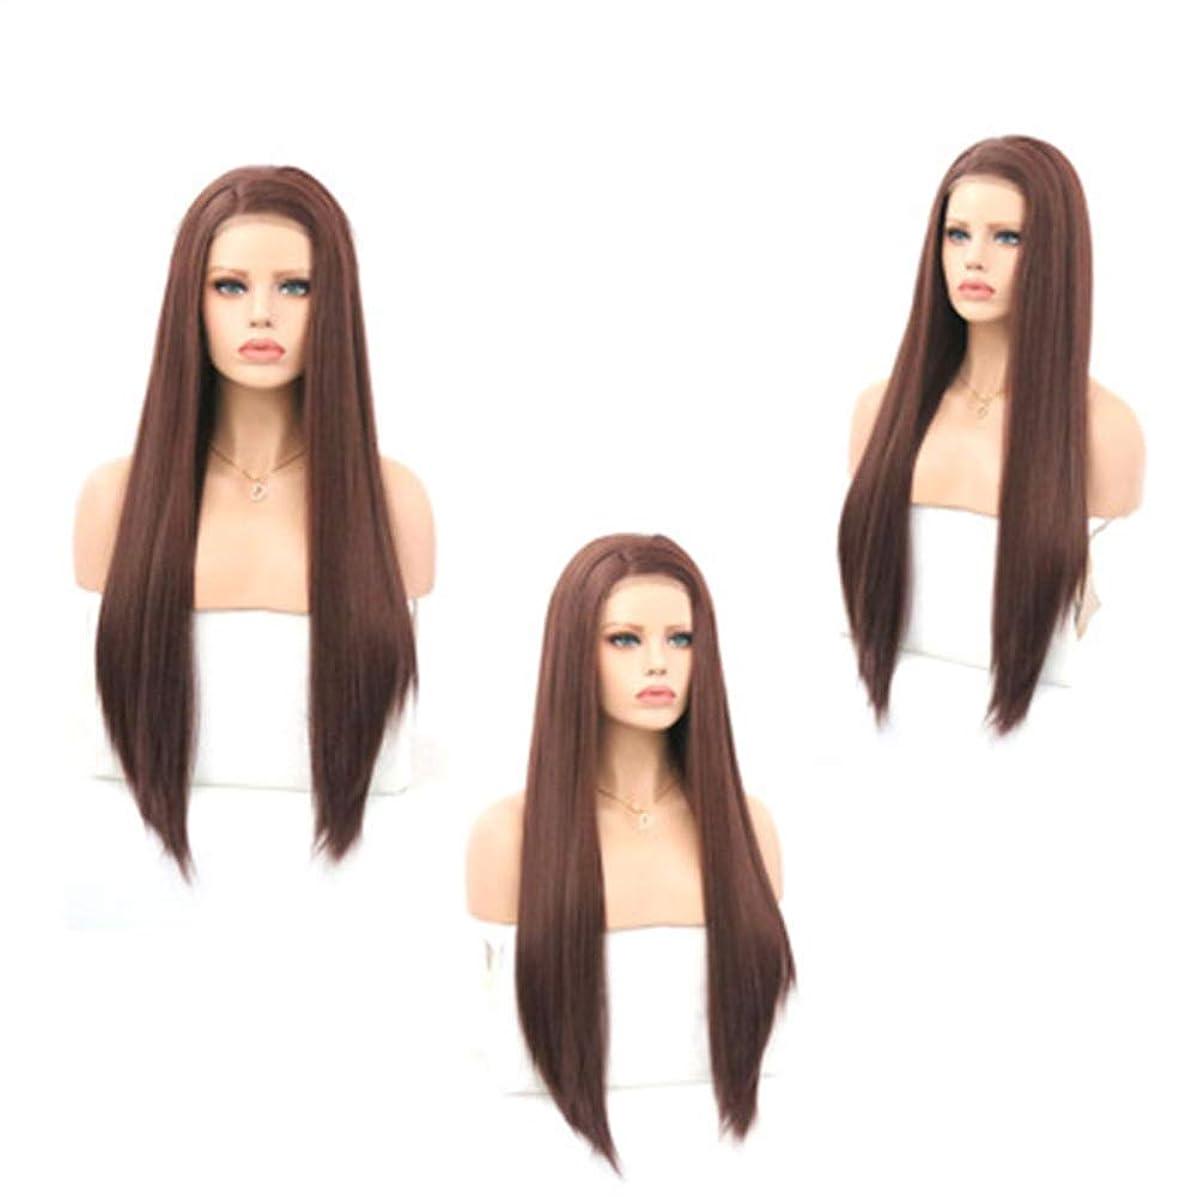 邪魔する主流忘れるZXF 茶色の女性のフロントレースの化学繊維かつらヘッドギア高温シルク半手の長いストレートの髪にフック 美しい